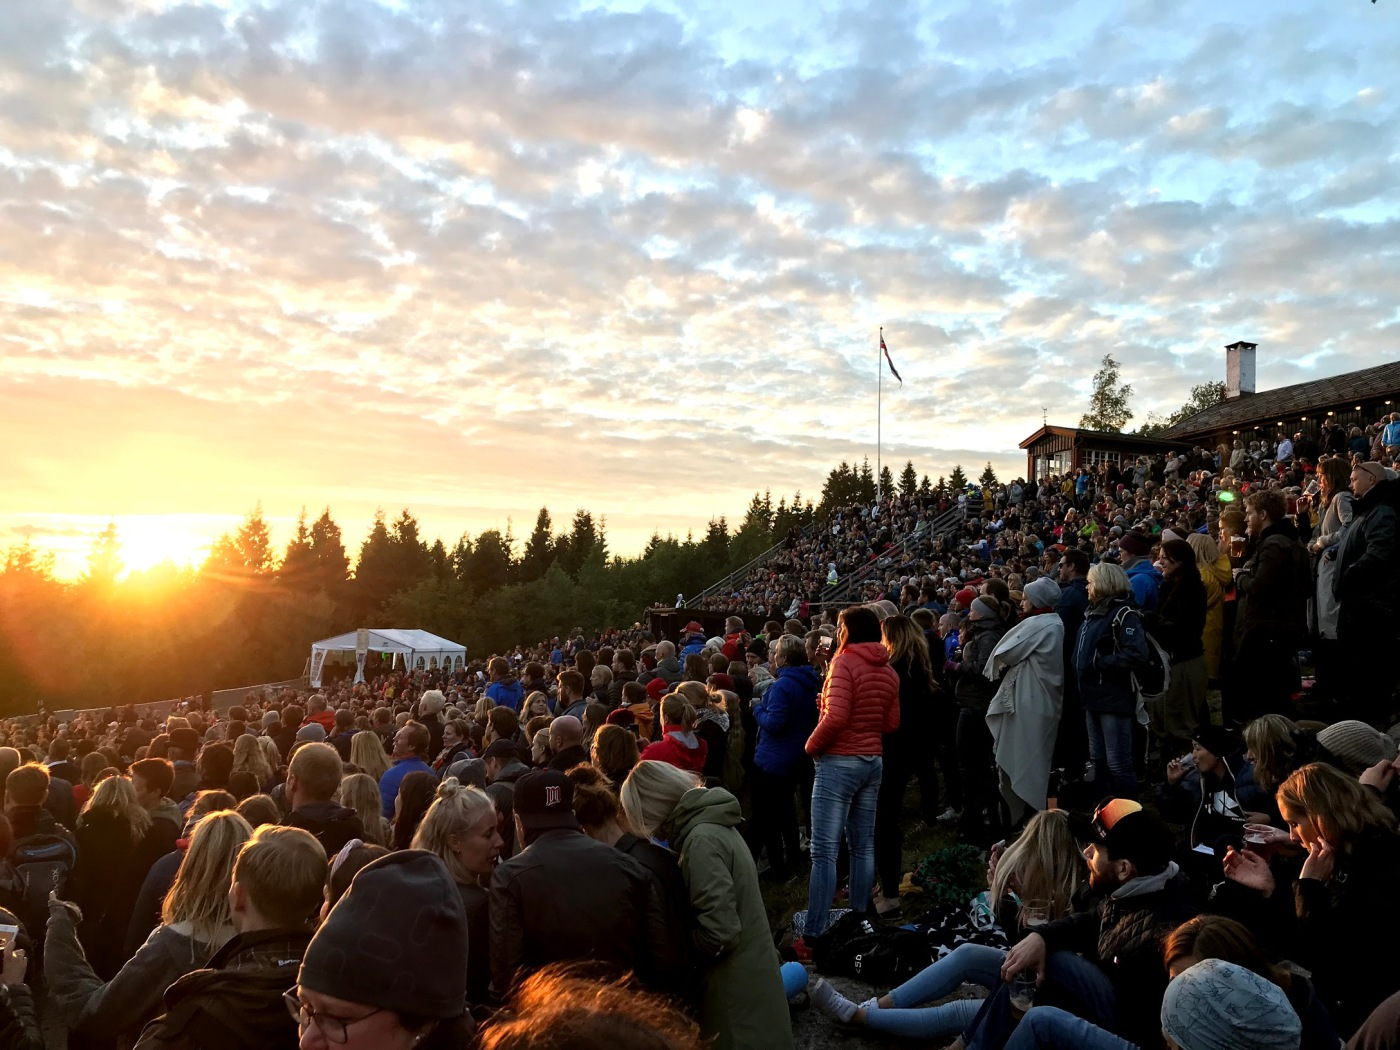 Bilde fra OverOslo. Publikum i solnedgang.